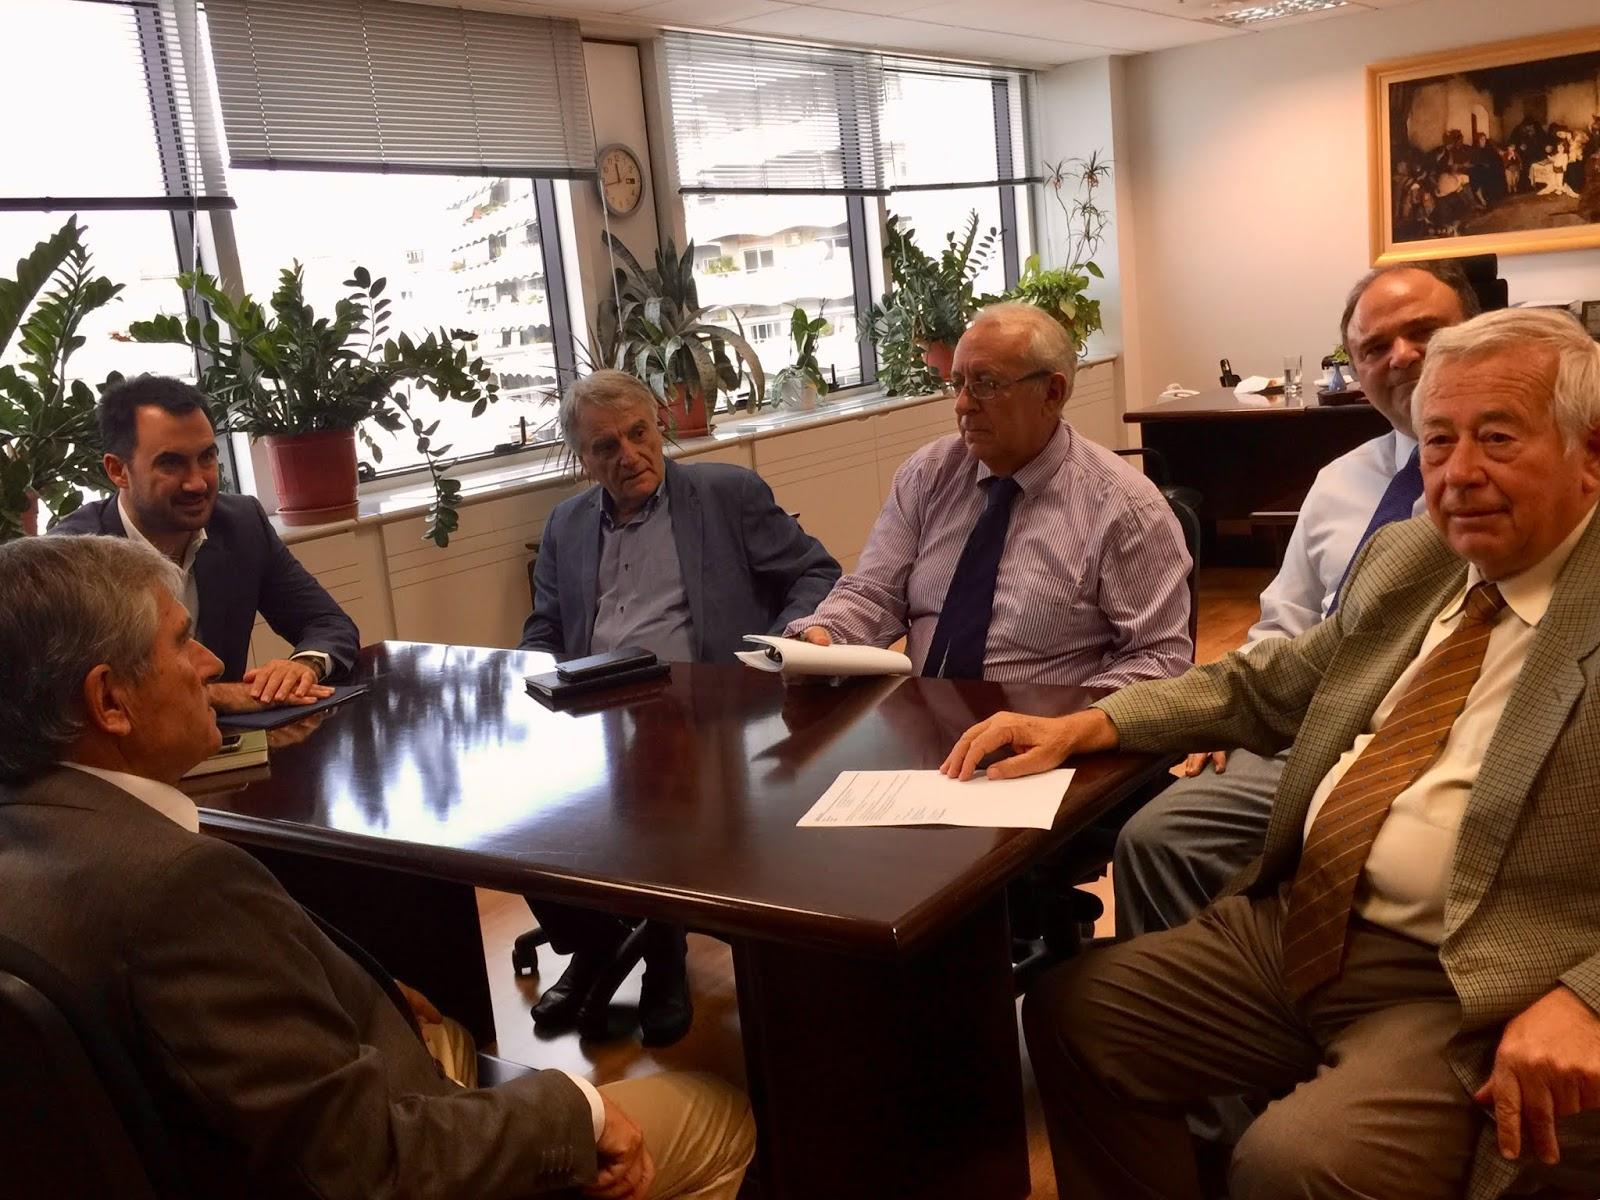 Συνάντηση του Υπουργού Εσωτερικών  με τον Πρόεδρο του ΑΣΕΠ, Ιωάννη Καραβοκύρη